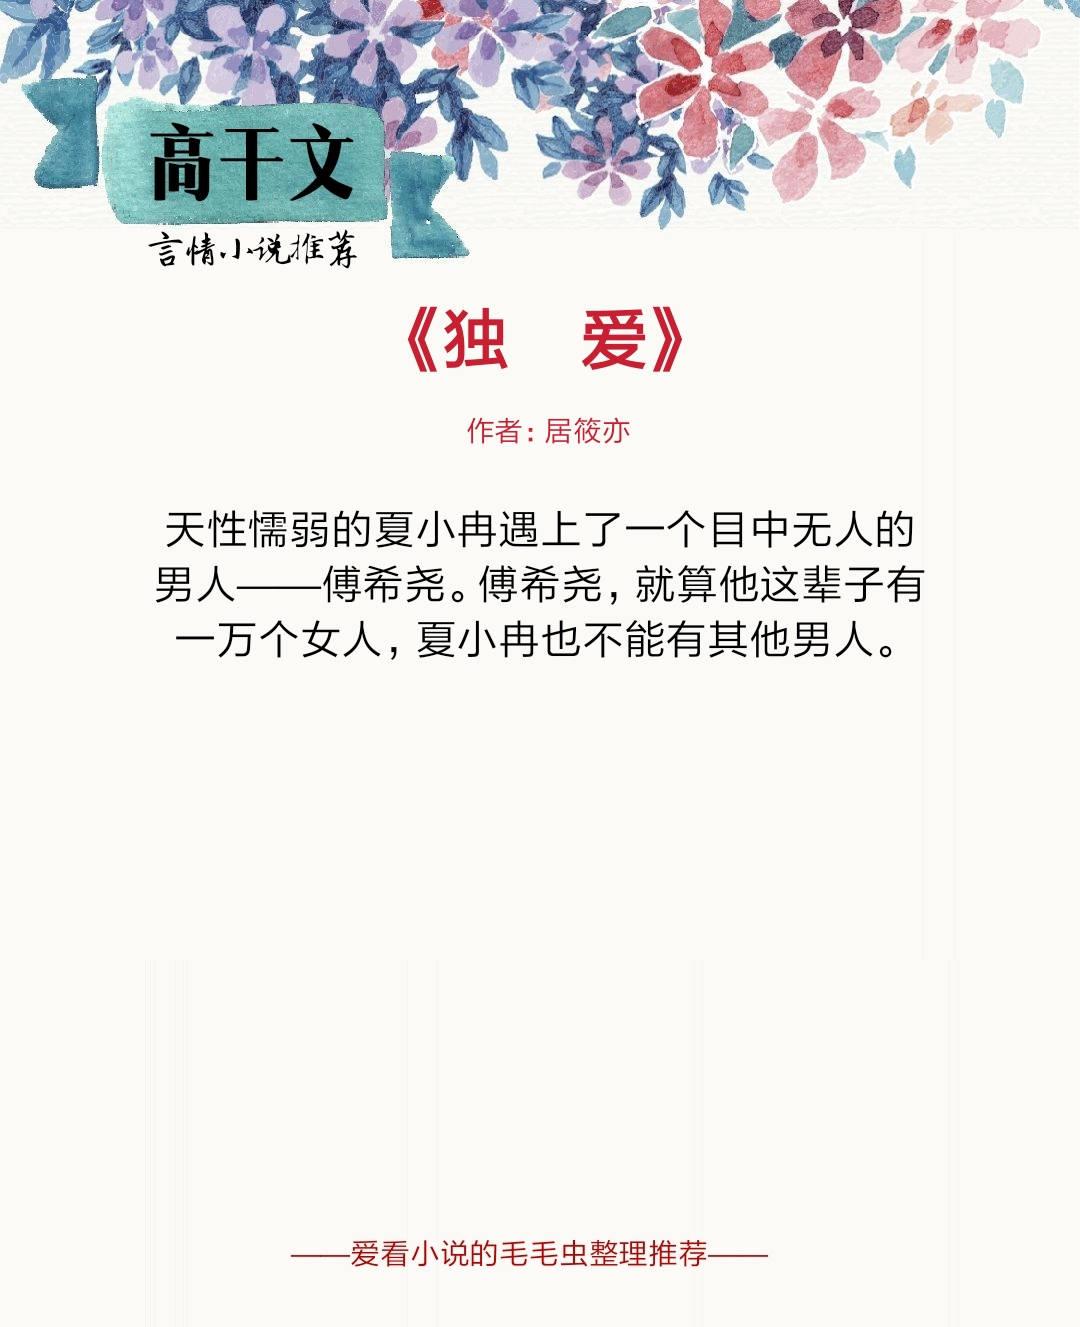 高干文是什么意思(什么是高干文)插图(3)